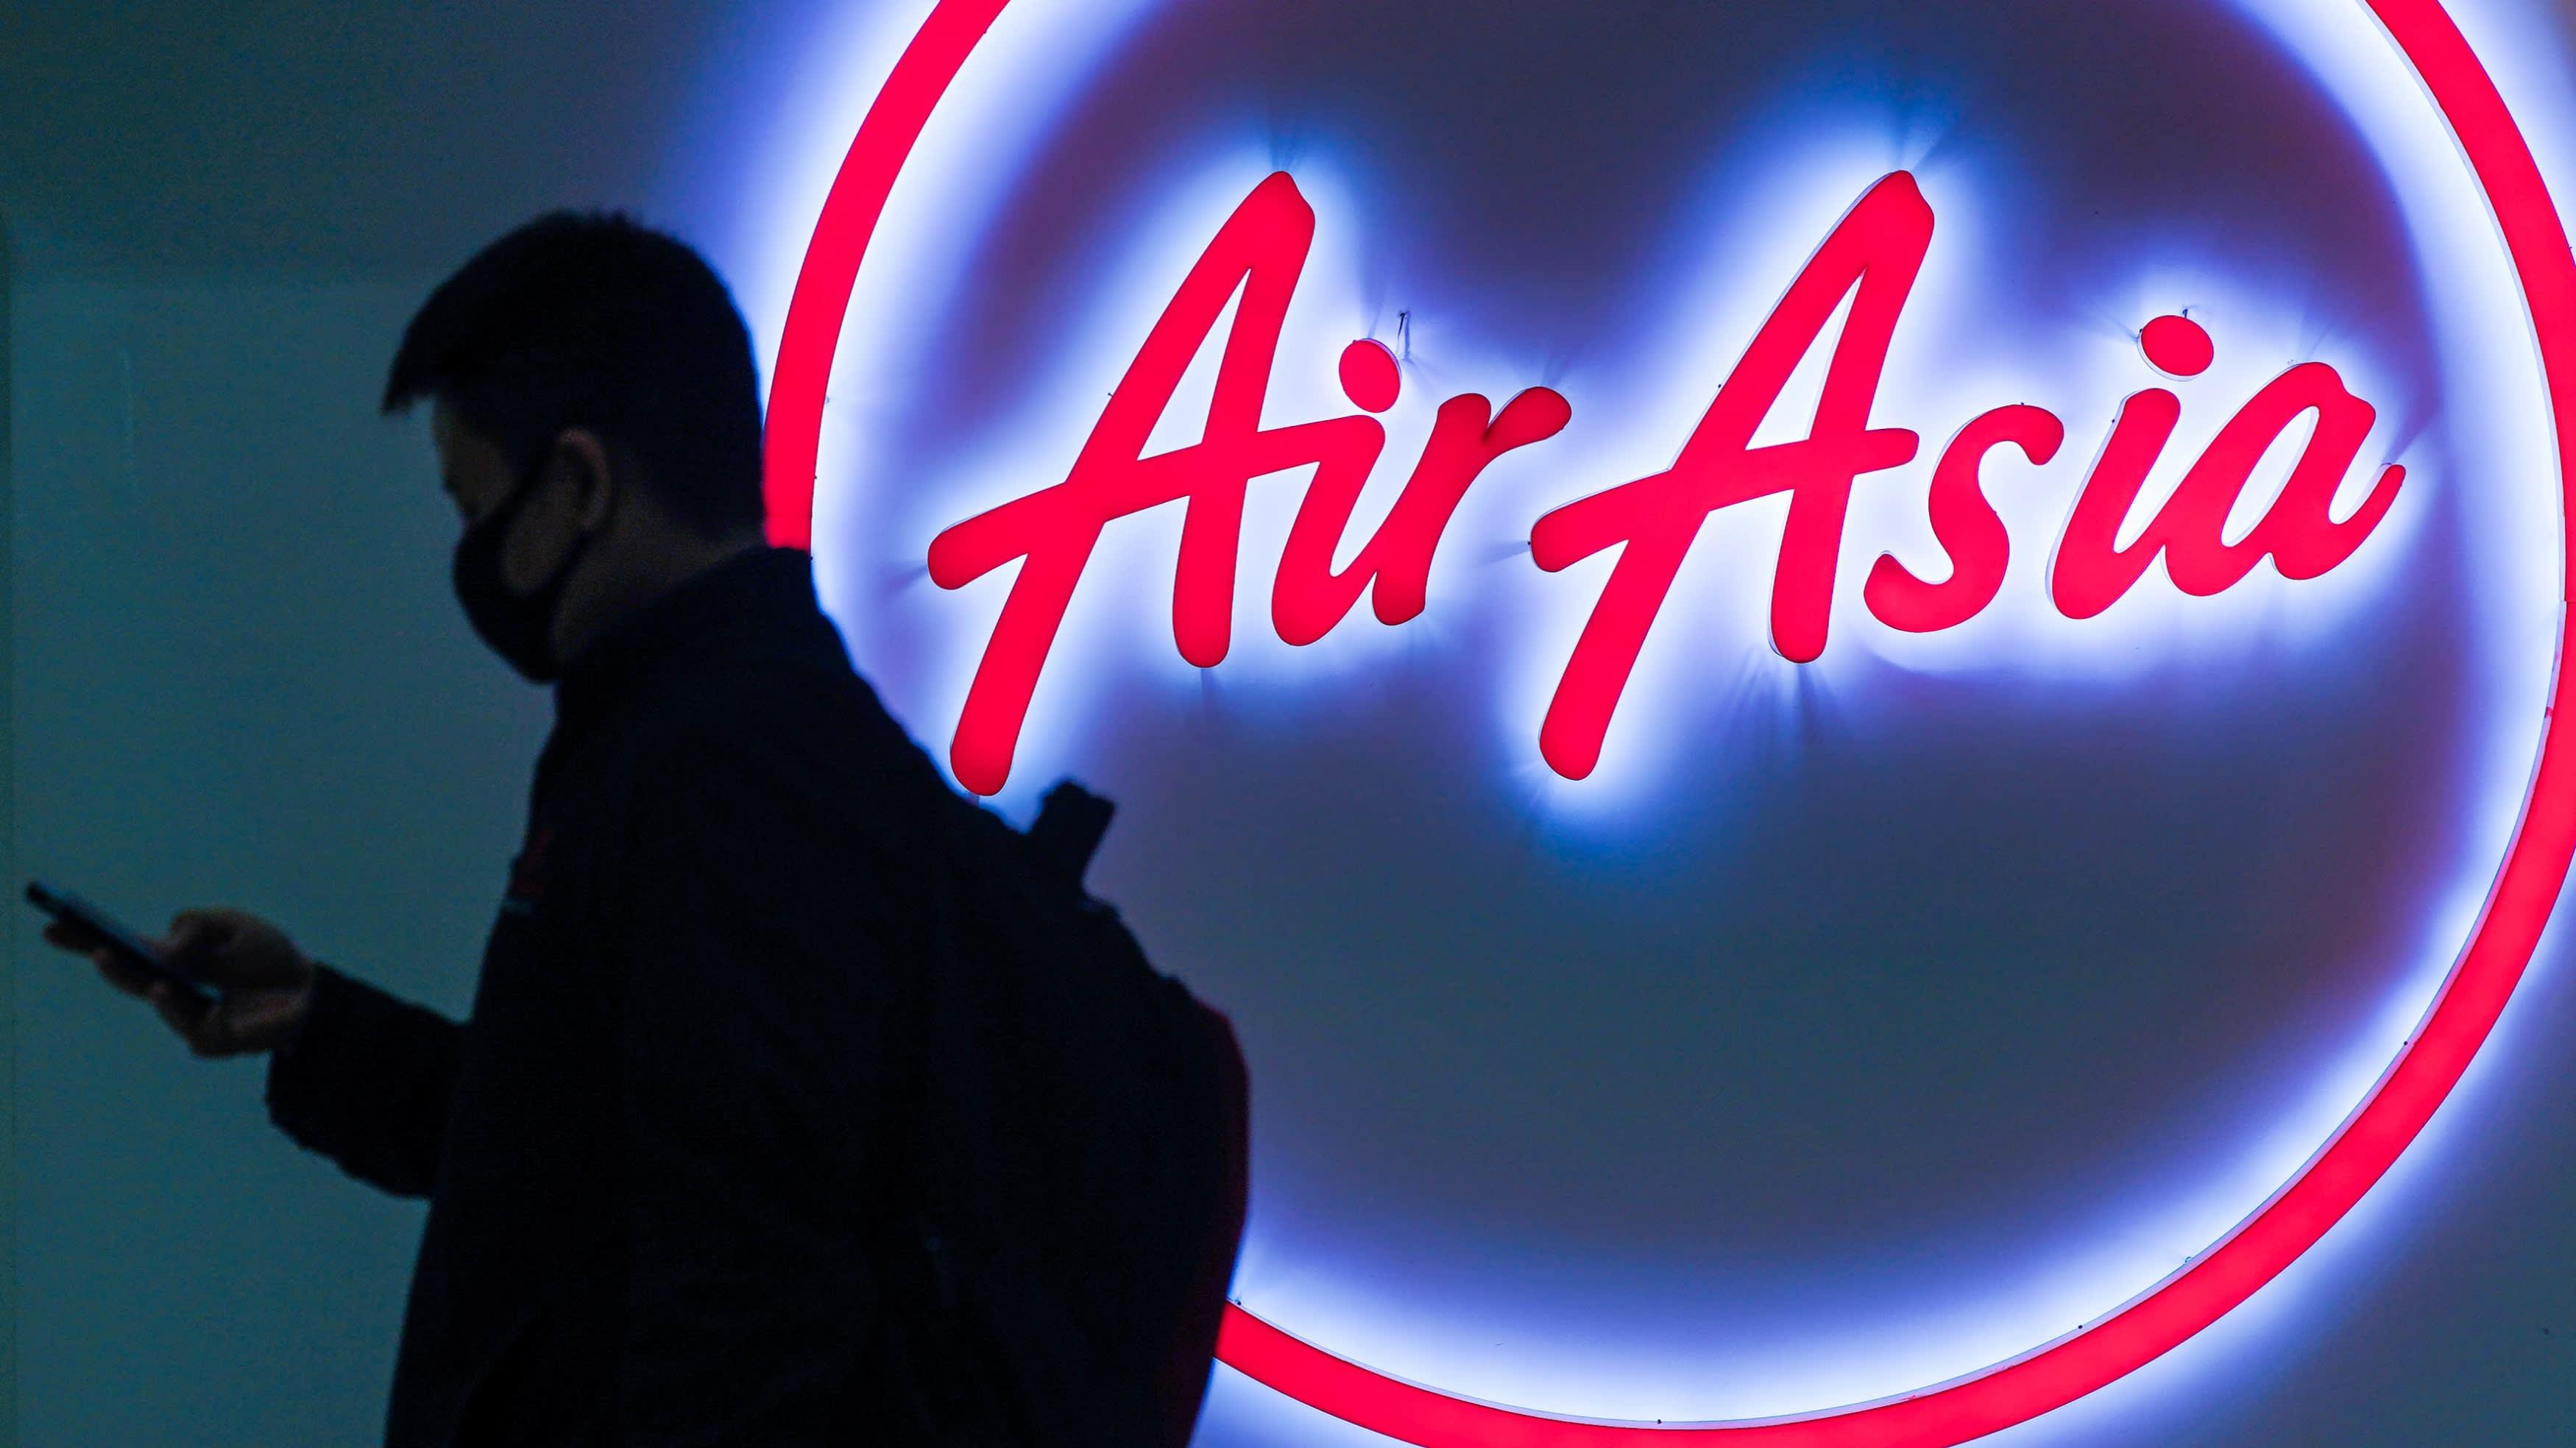 Cổ phiếu AirAsia bị tạm ngưng giao dịch sau khi hãng kiểm toán đặt nghi vấn - Ảnh 1.